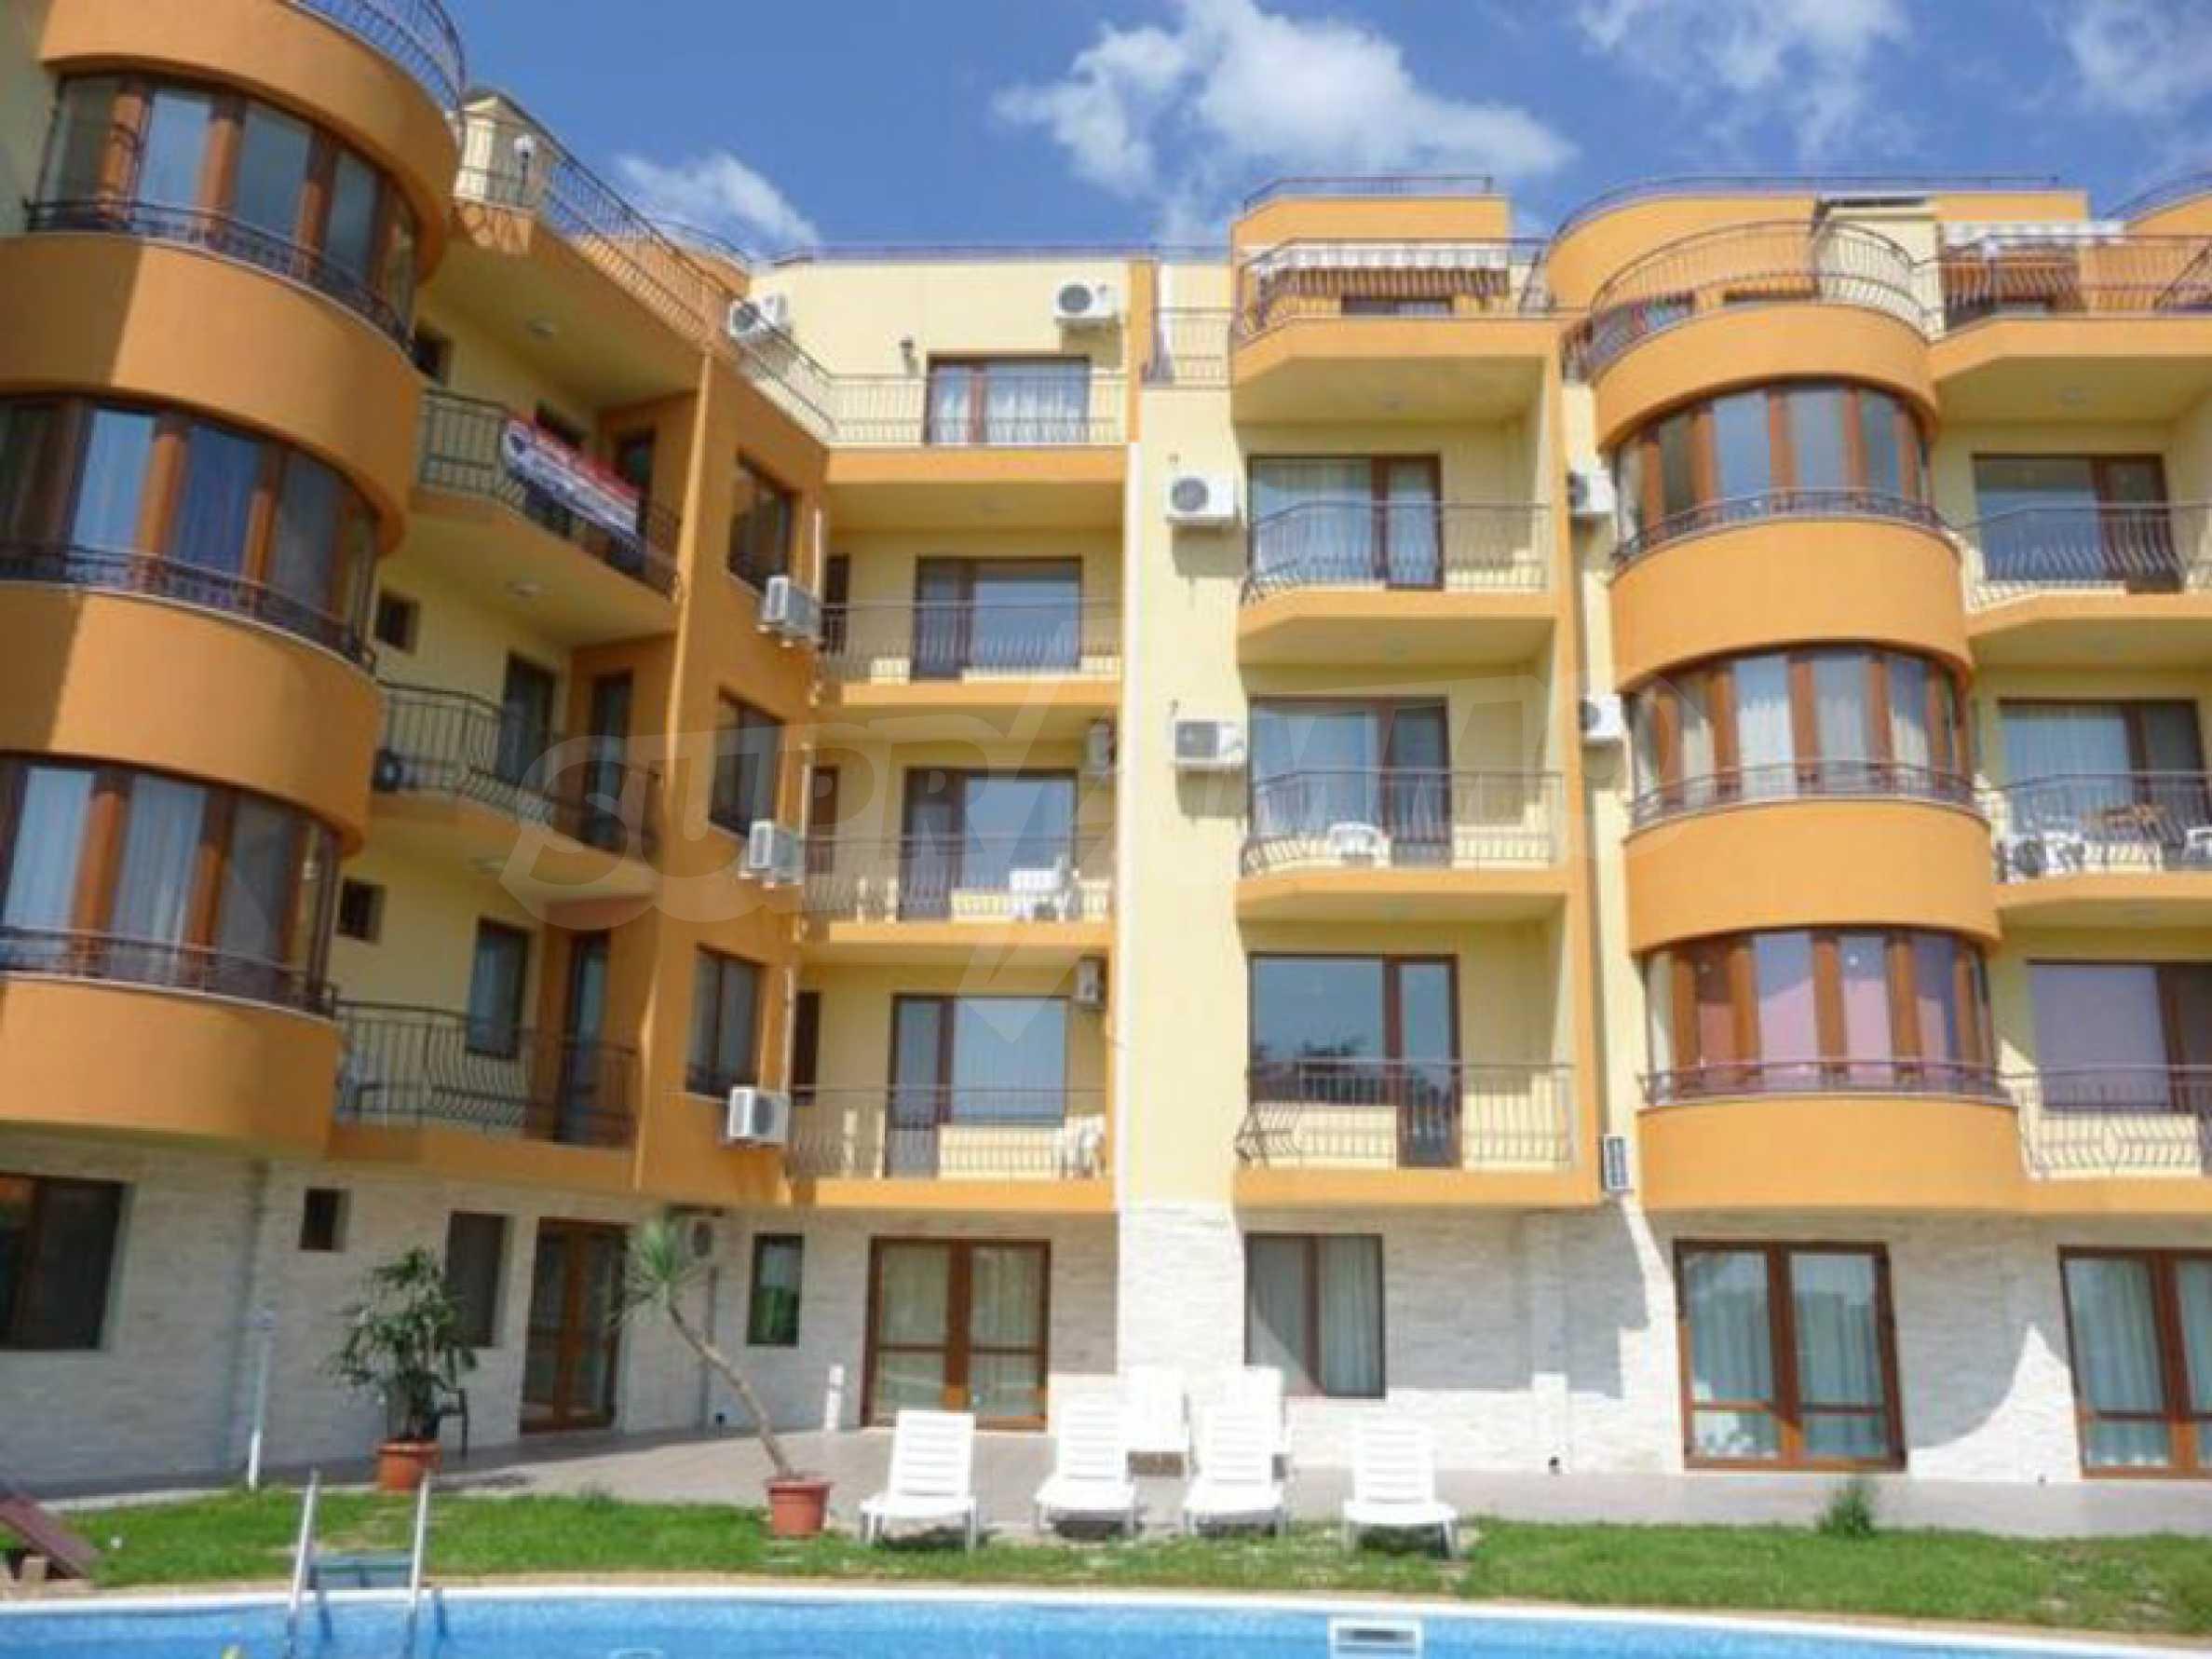 Wohnung in Sea Village 4